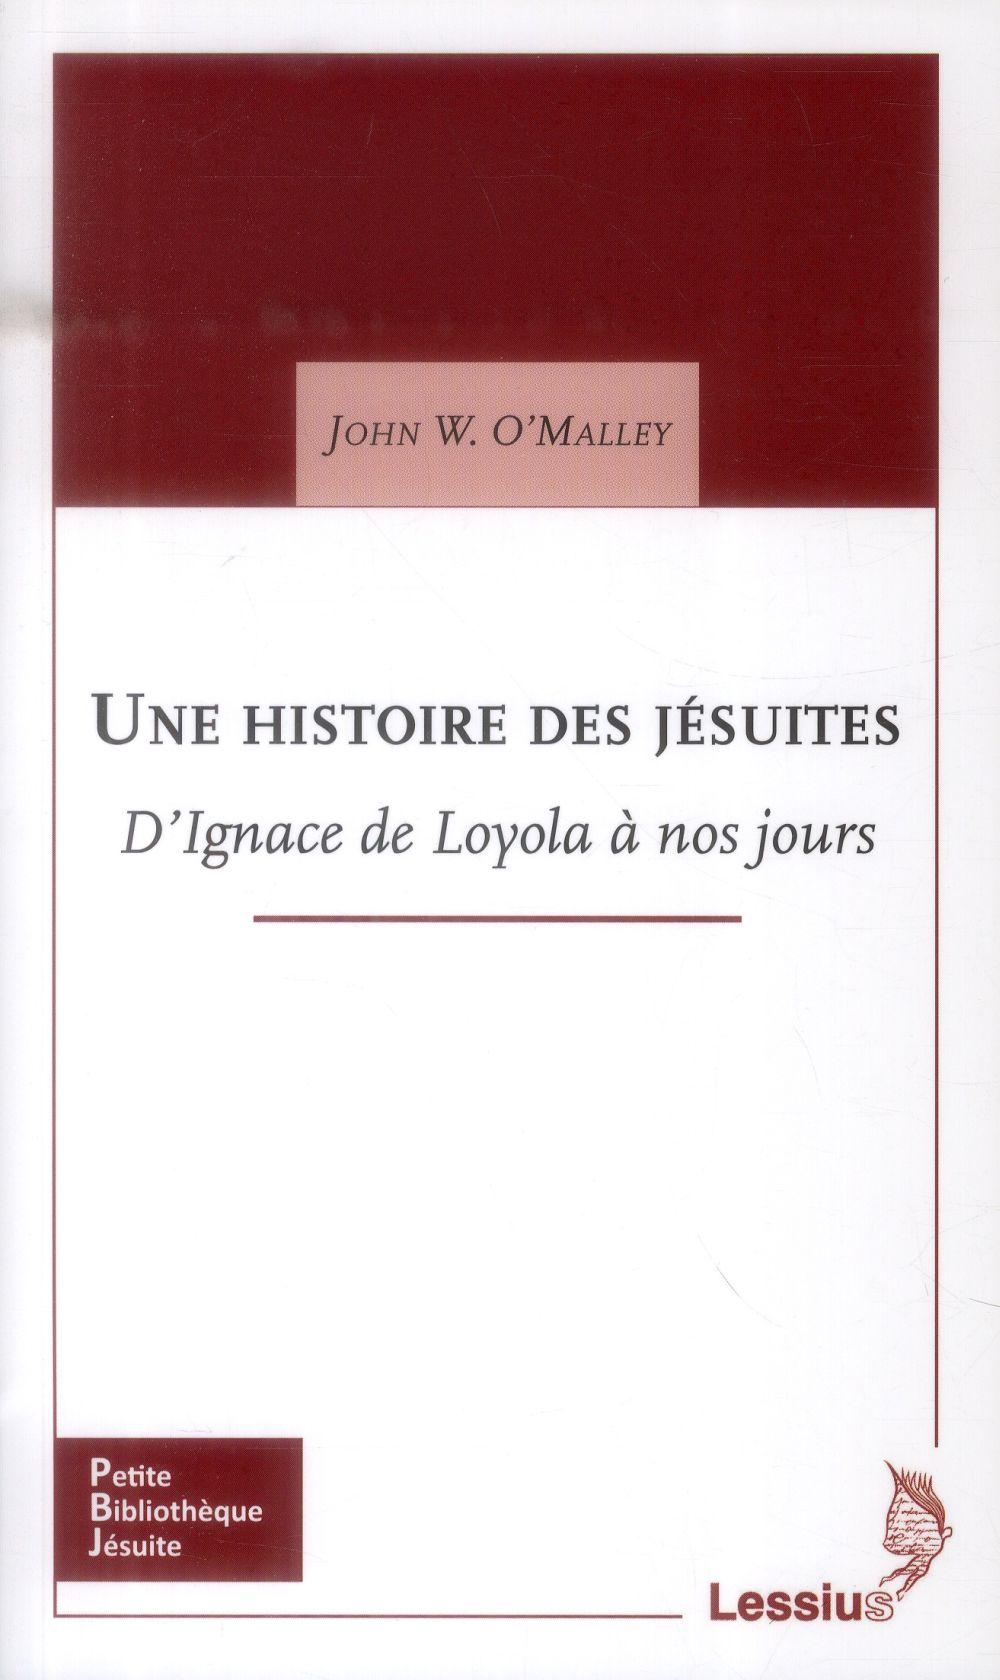 UNE HISTOIRE DES JESUITES - D'IGNACE DE LOYOLA A NOS JOURS